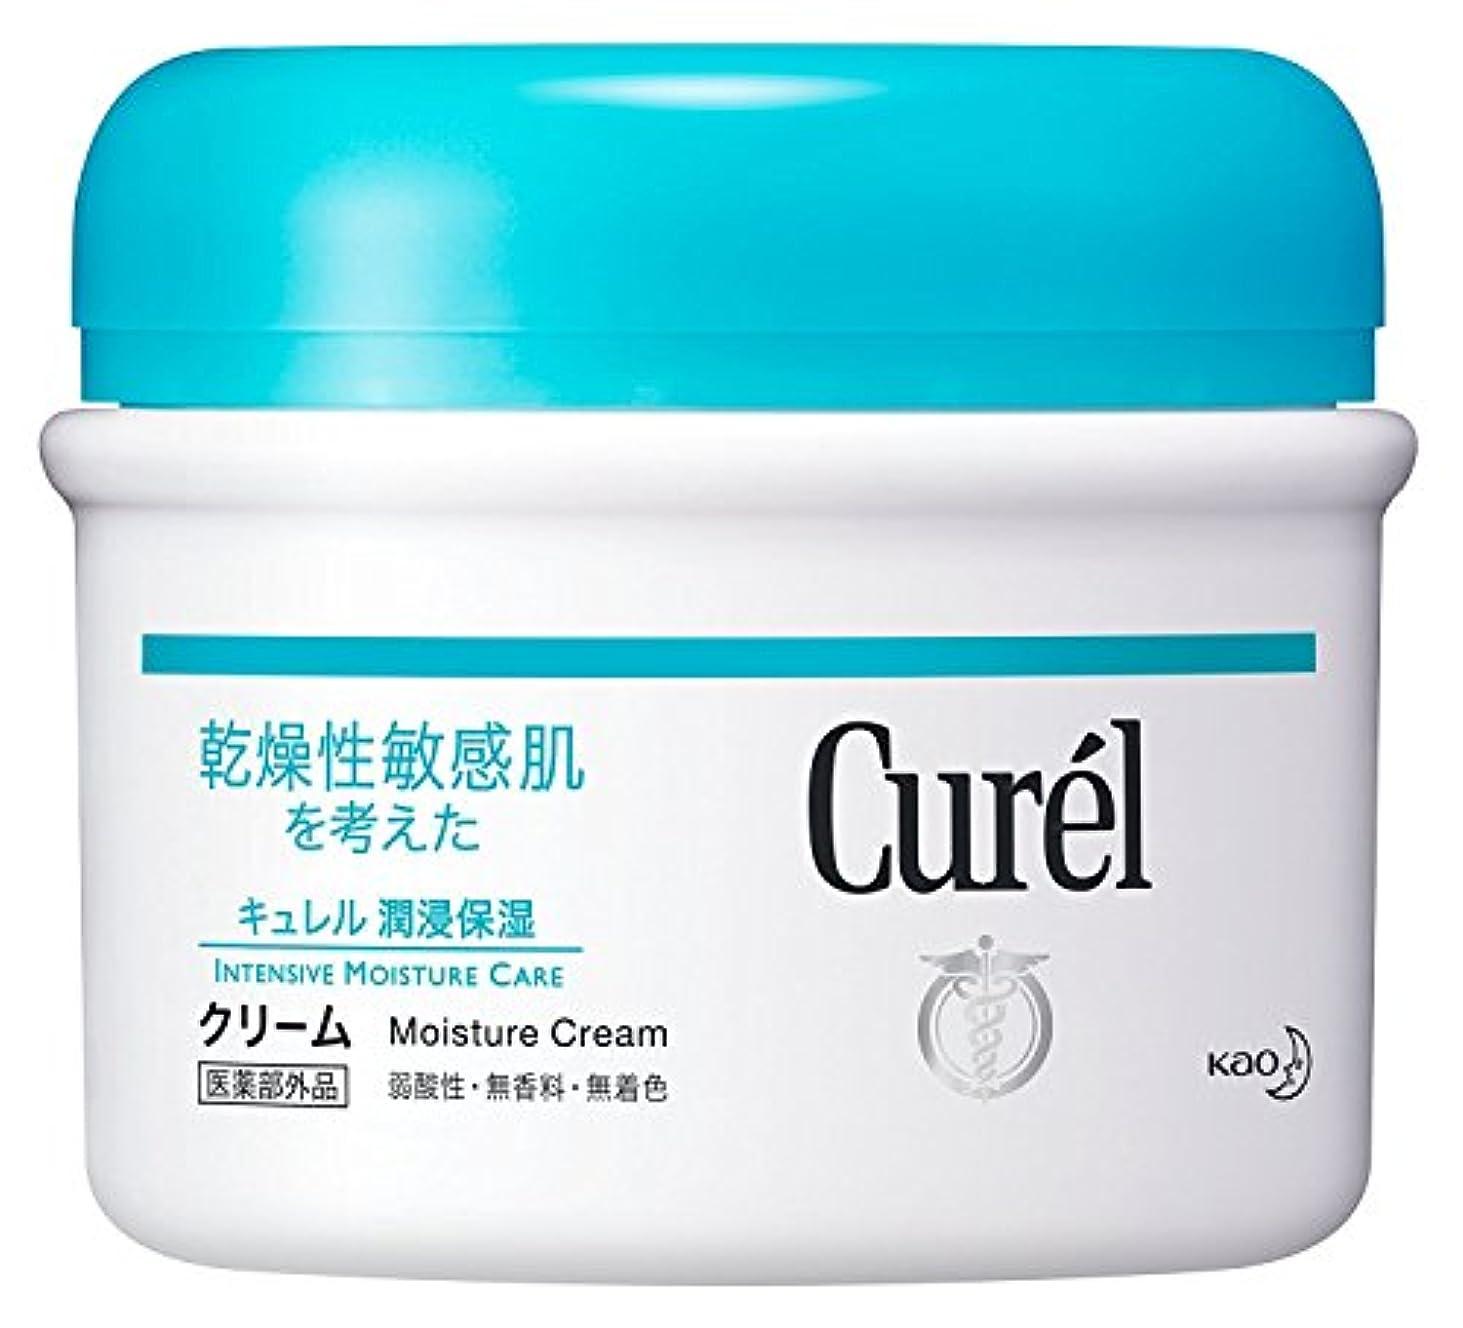 【花王】キュレル 薬用クリーム 90g ×20個セット